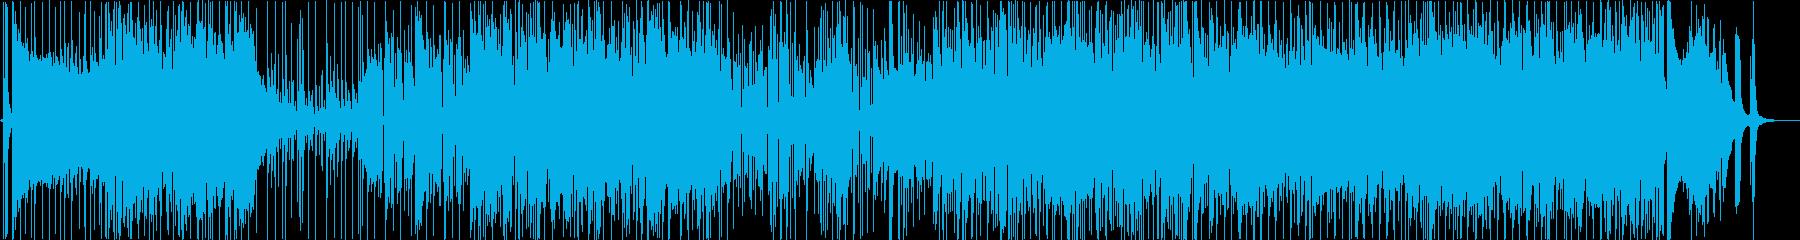 ディスコやファンクの様なノリの再生済みの波形